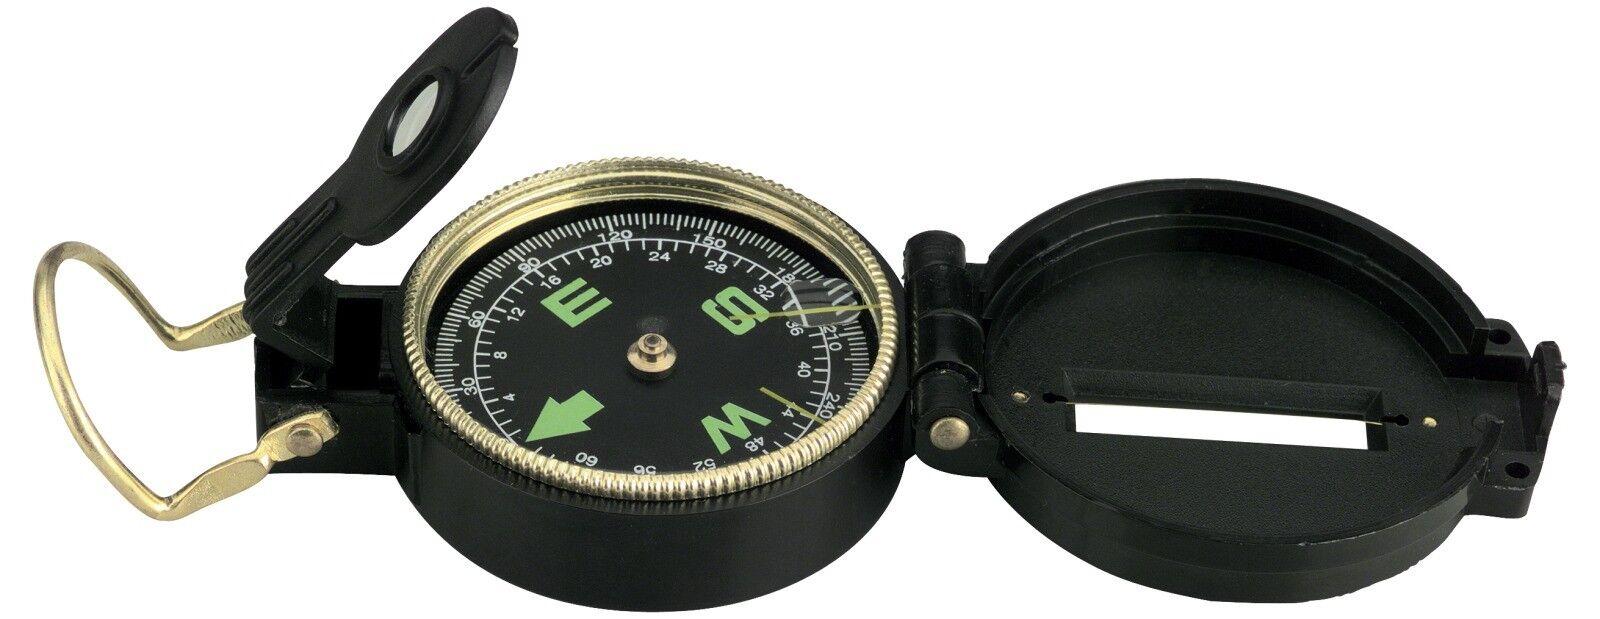 Boussole Petit Compas Lensatic Skipper Skipper Skipper boots Boussole couvercle et Support e222f3